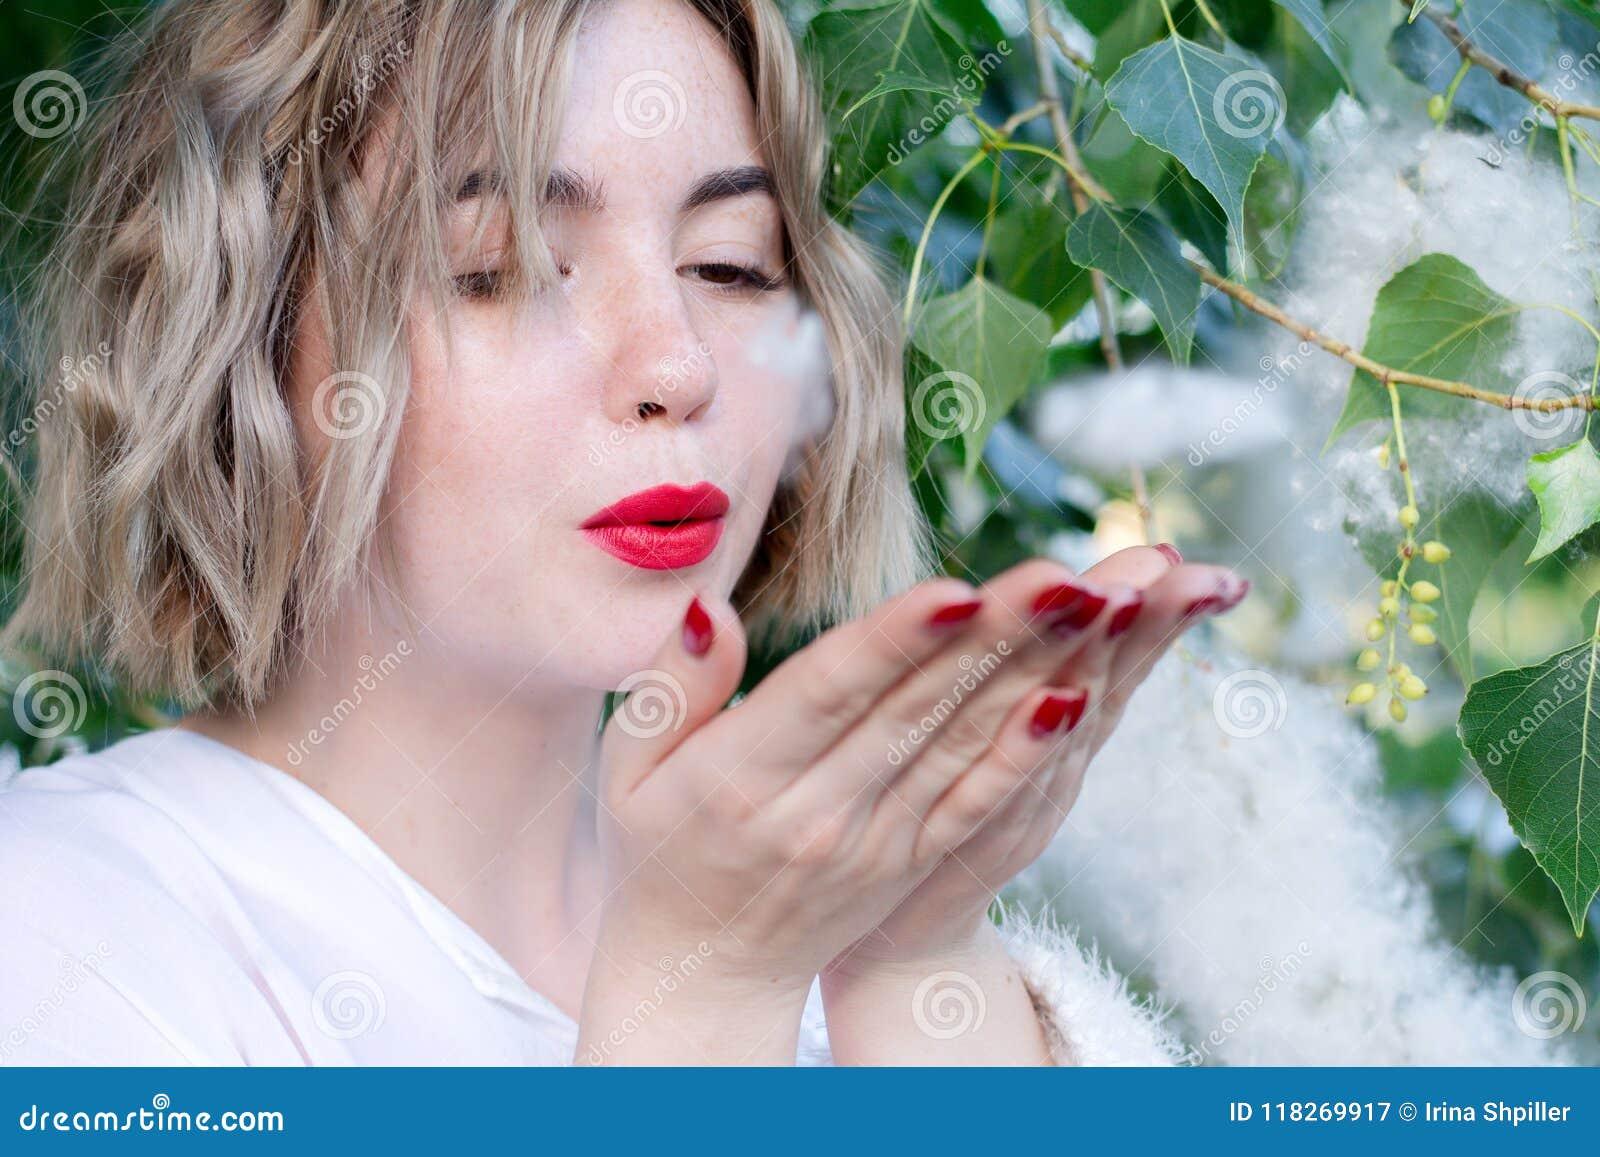 Молодая привлекательная freckled девушка дует приполюсный пушок, красные губы